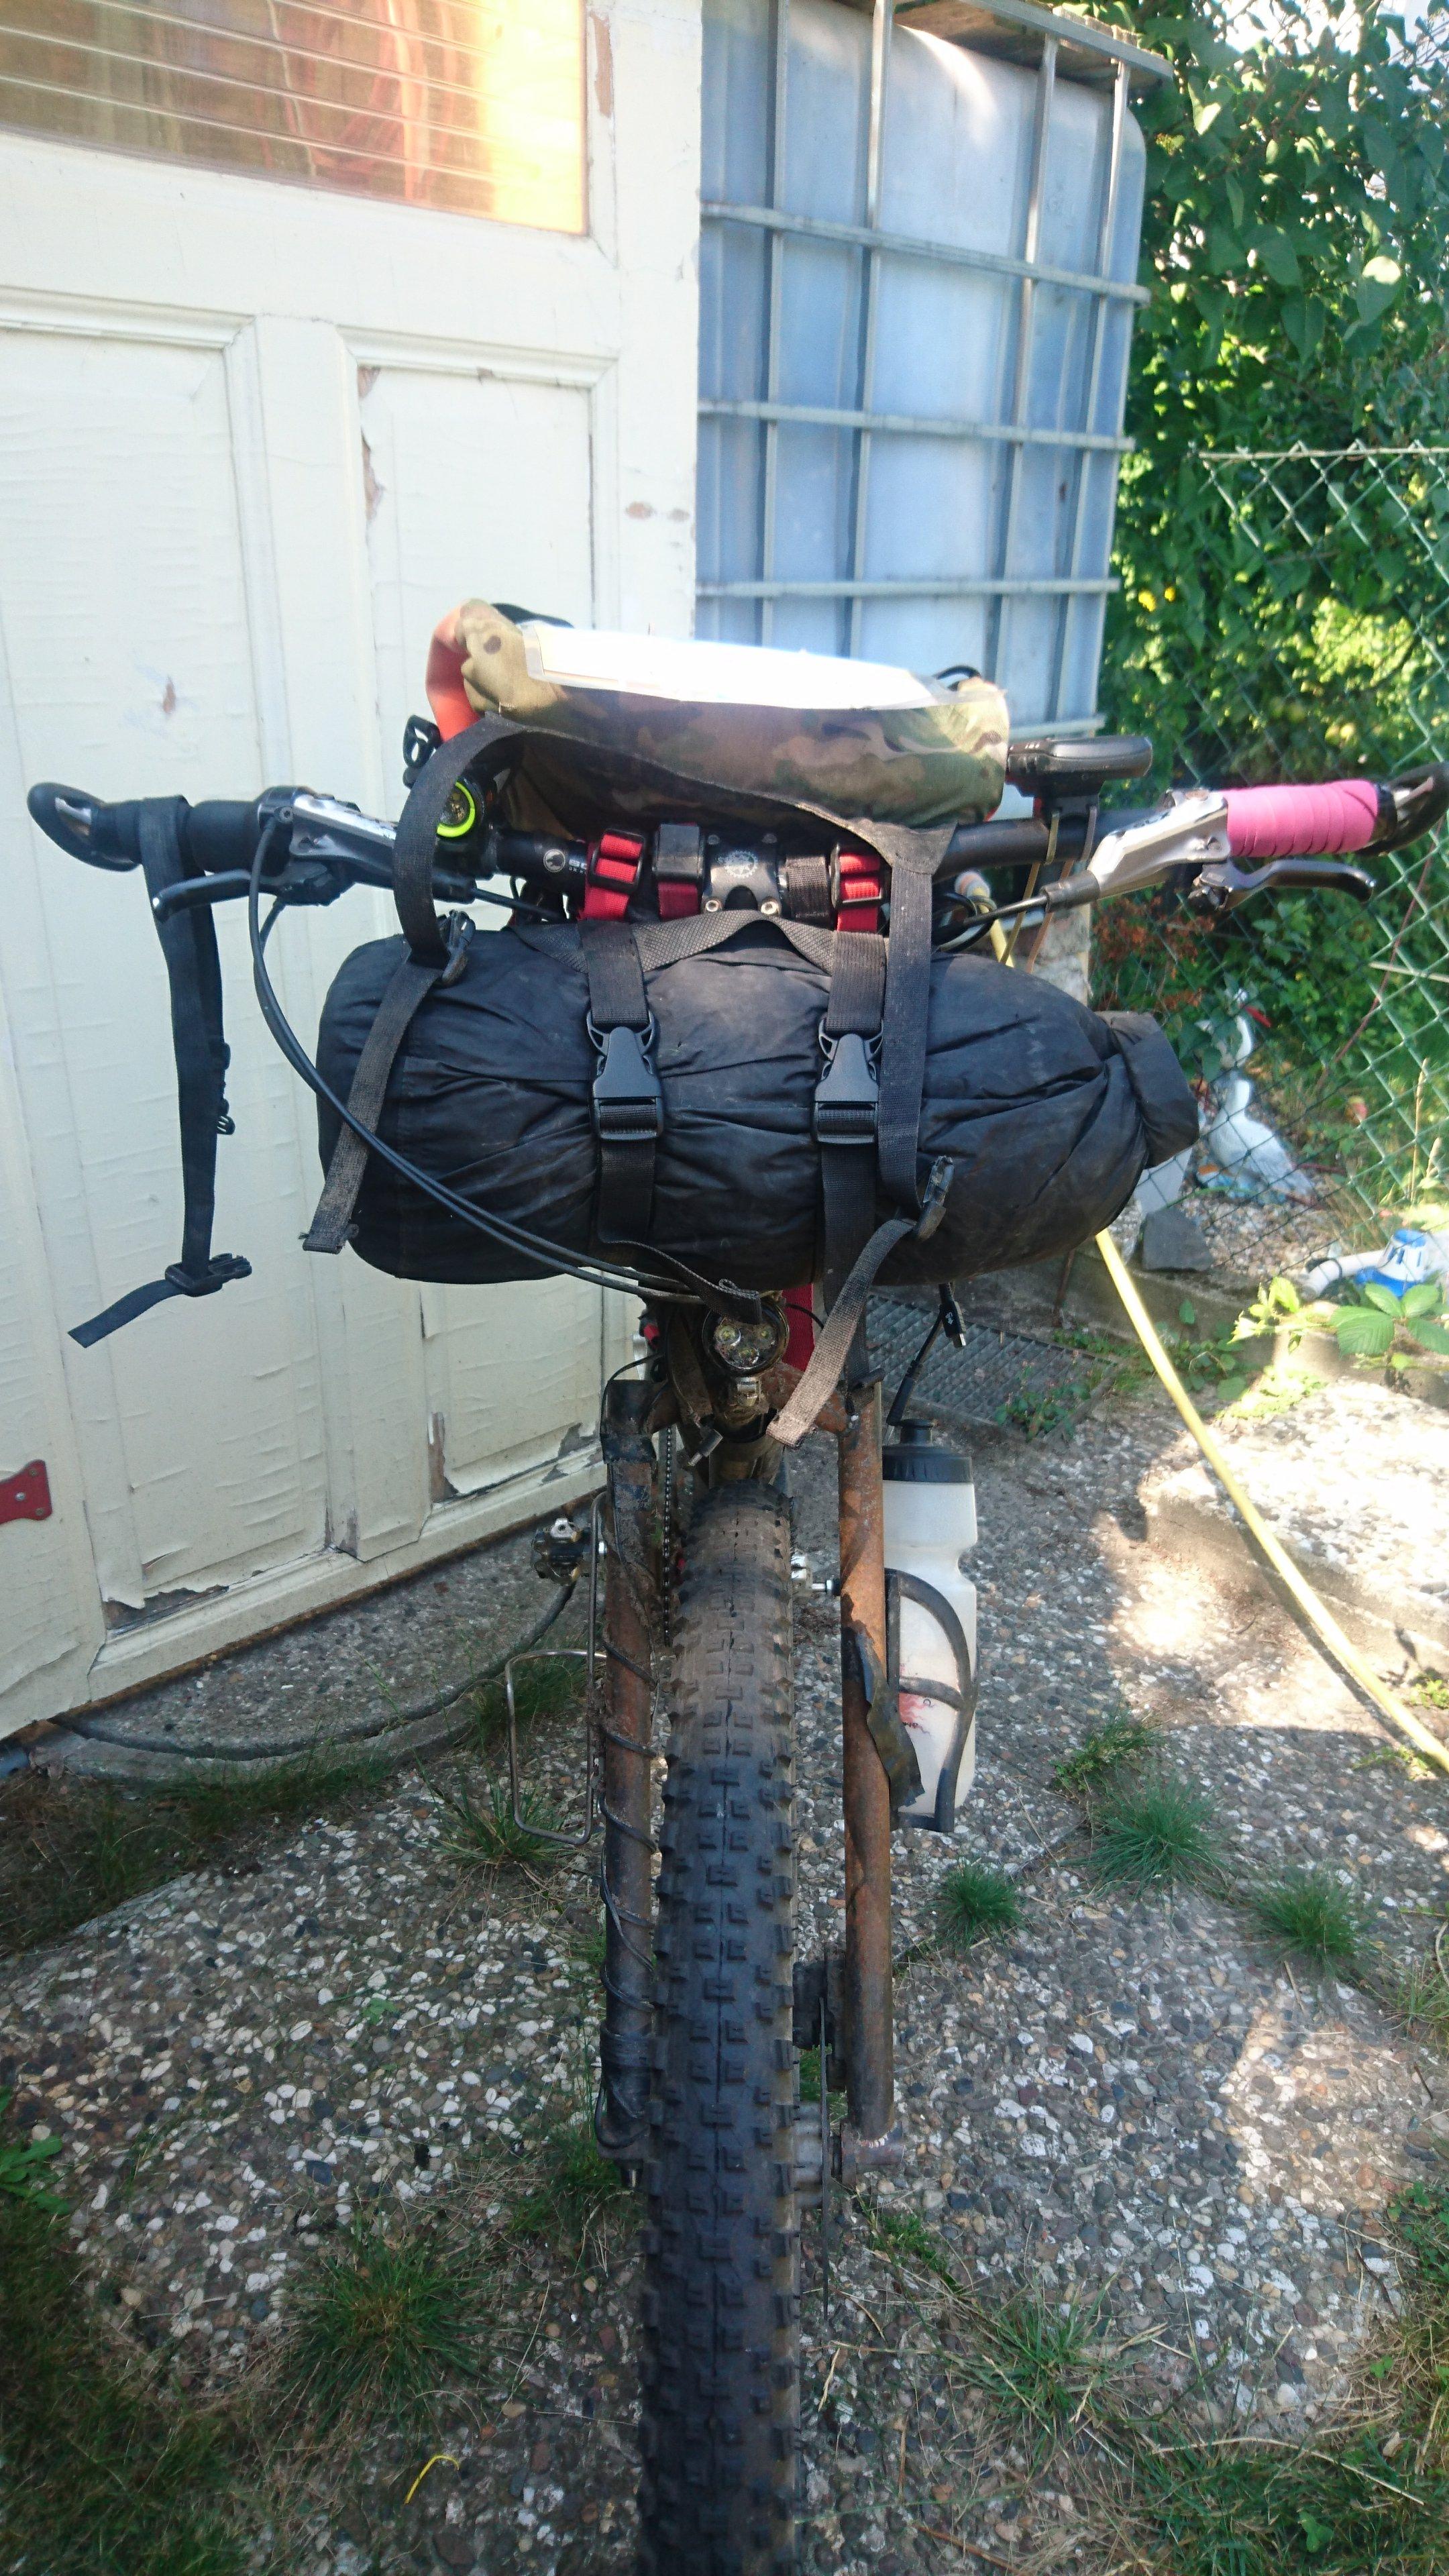 Sleeping setup on handlebar harness